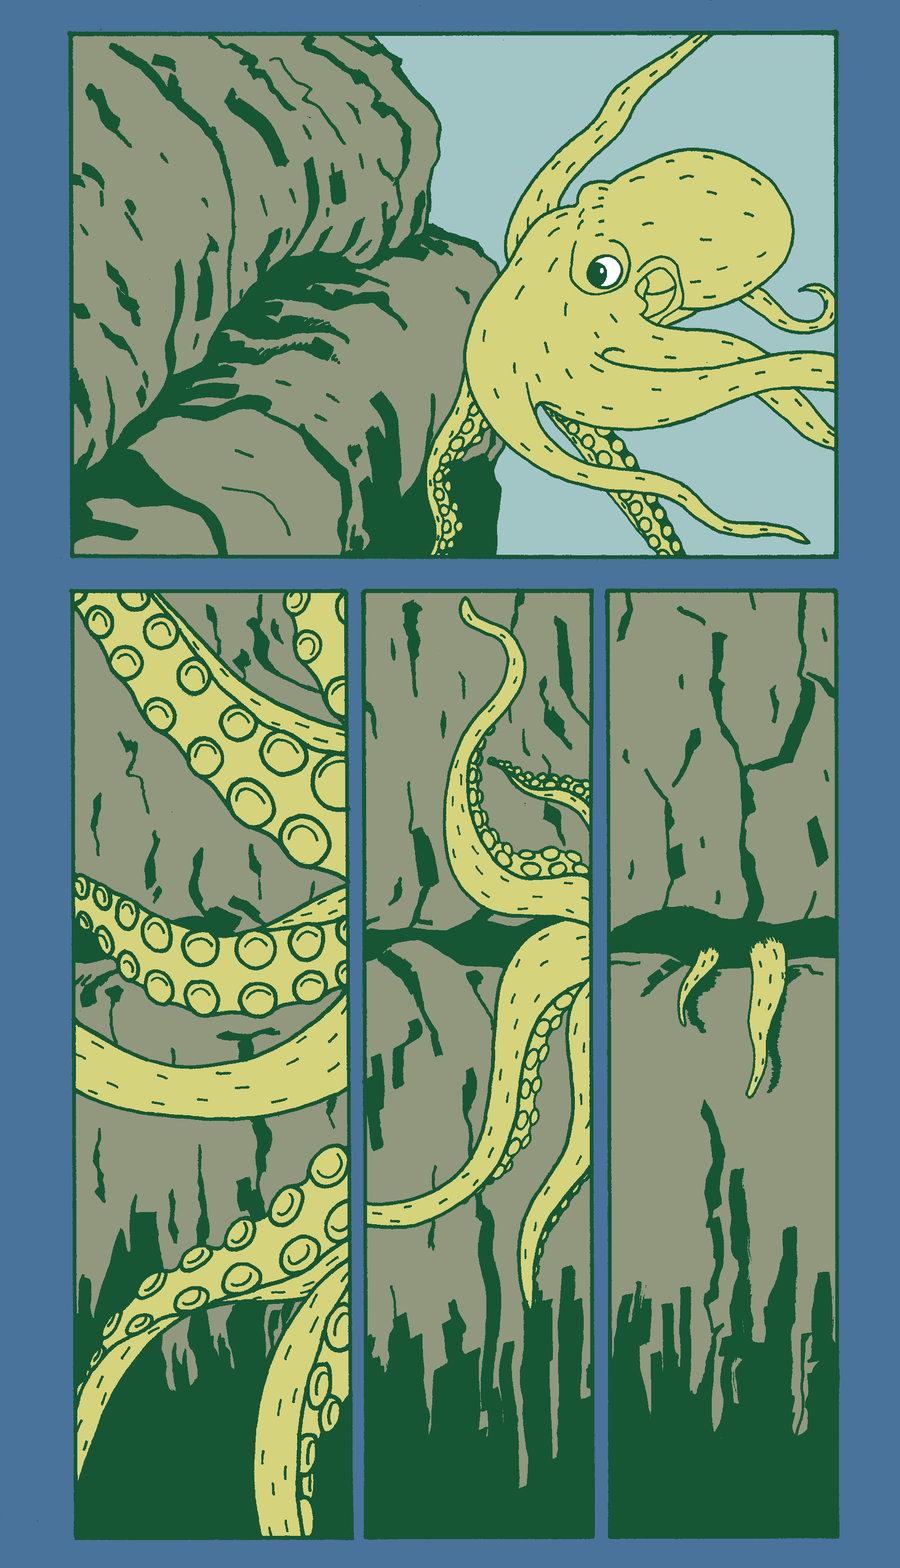 Octopus pg.5